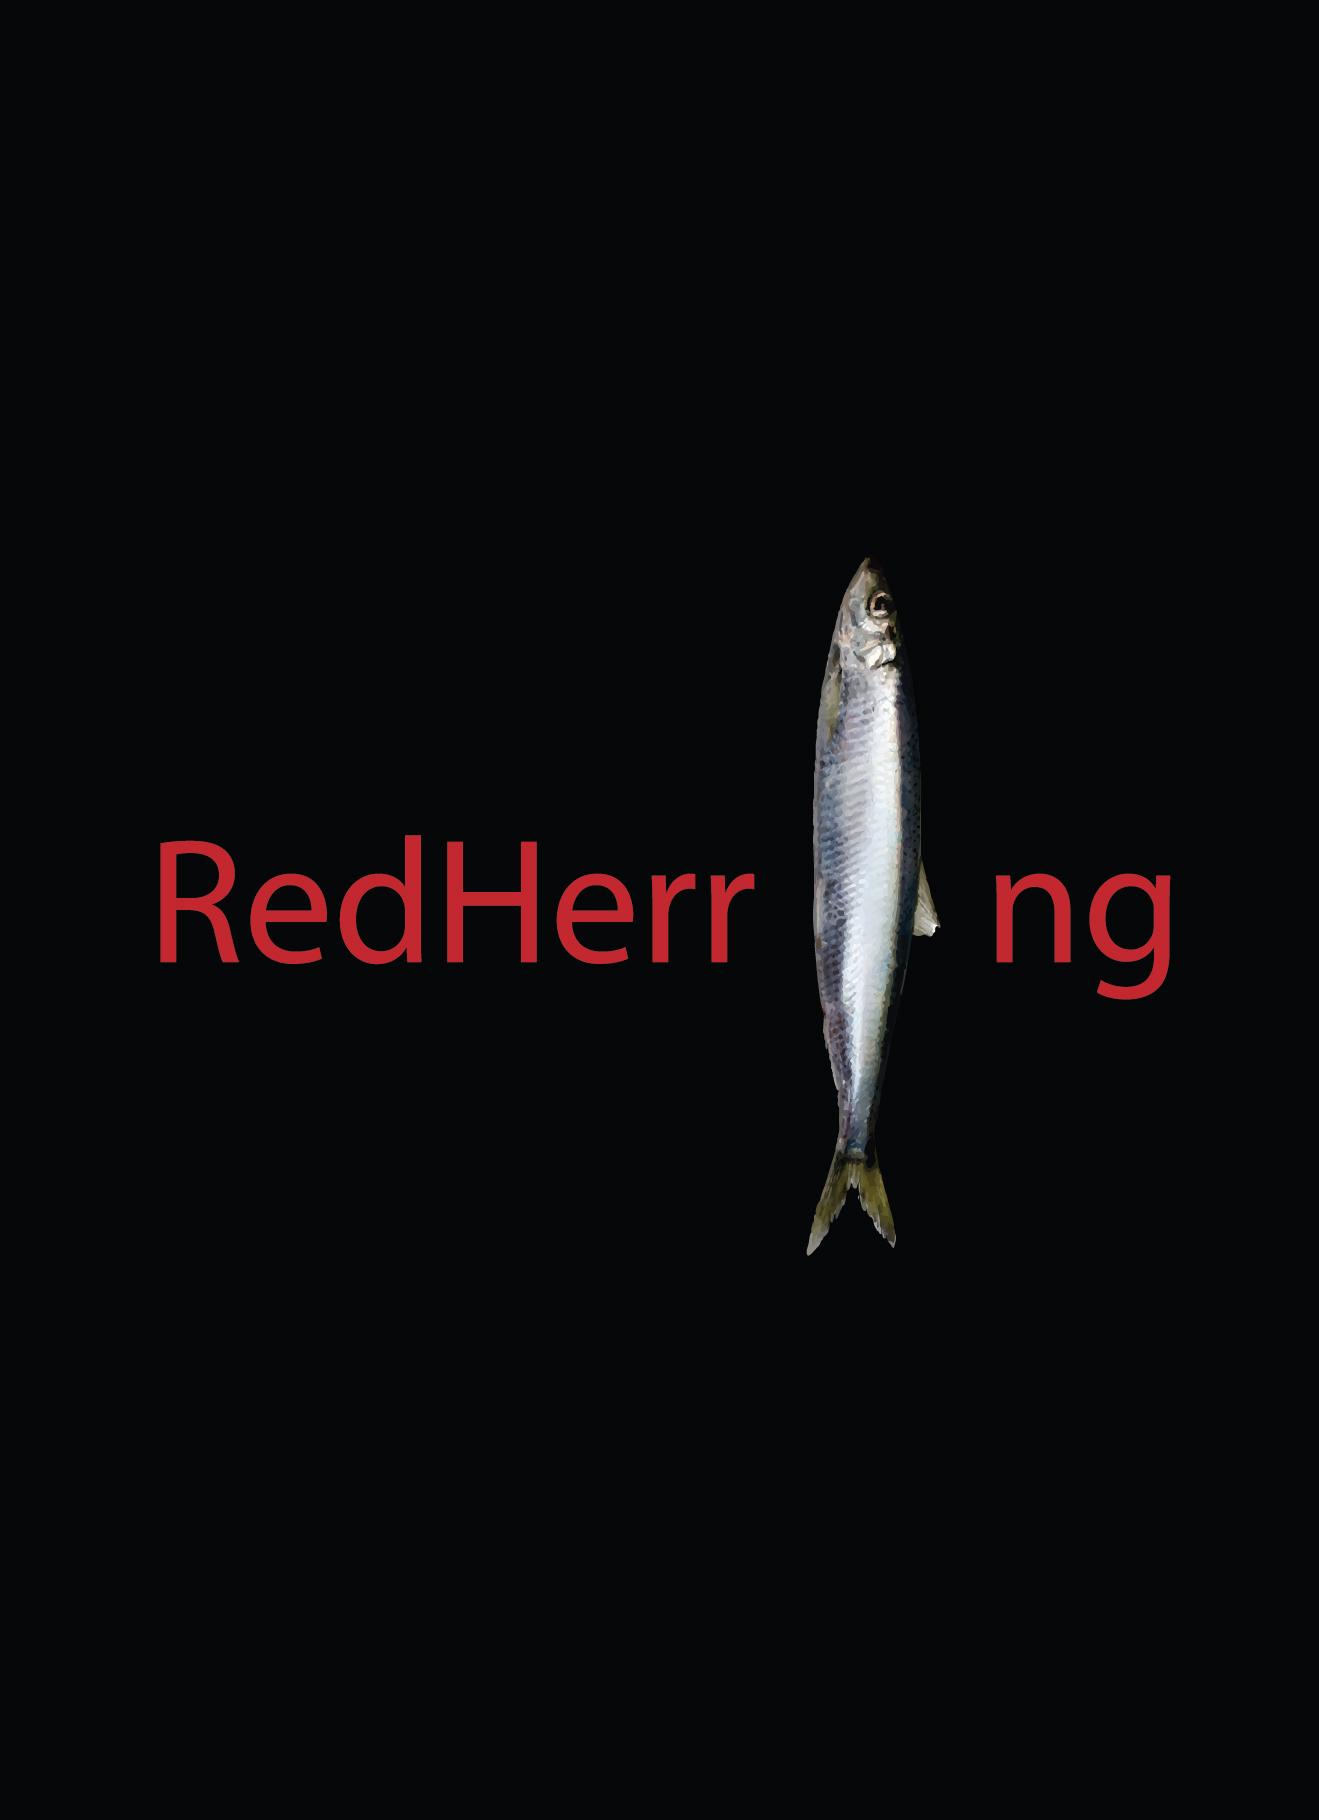 RED VOOR 3 HR